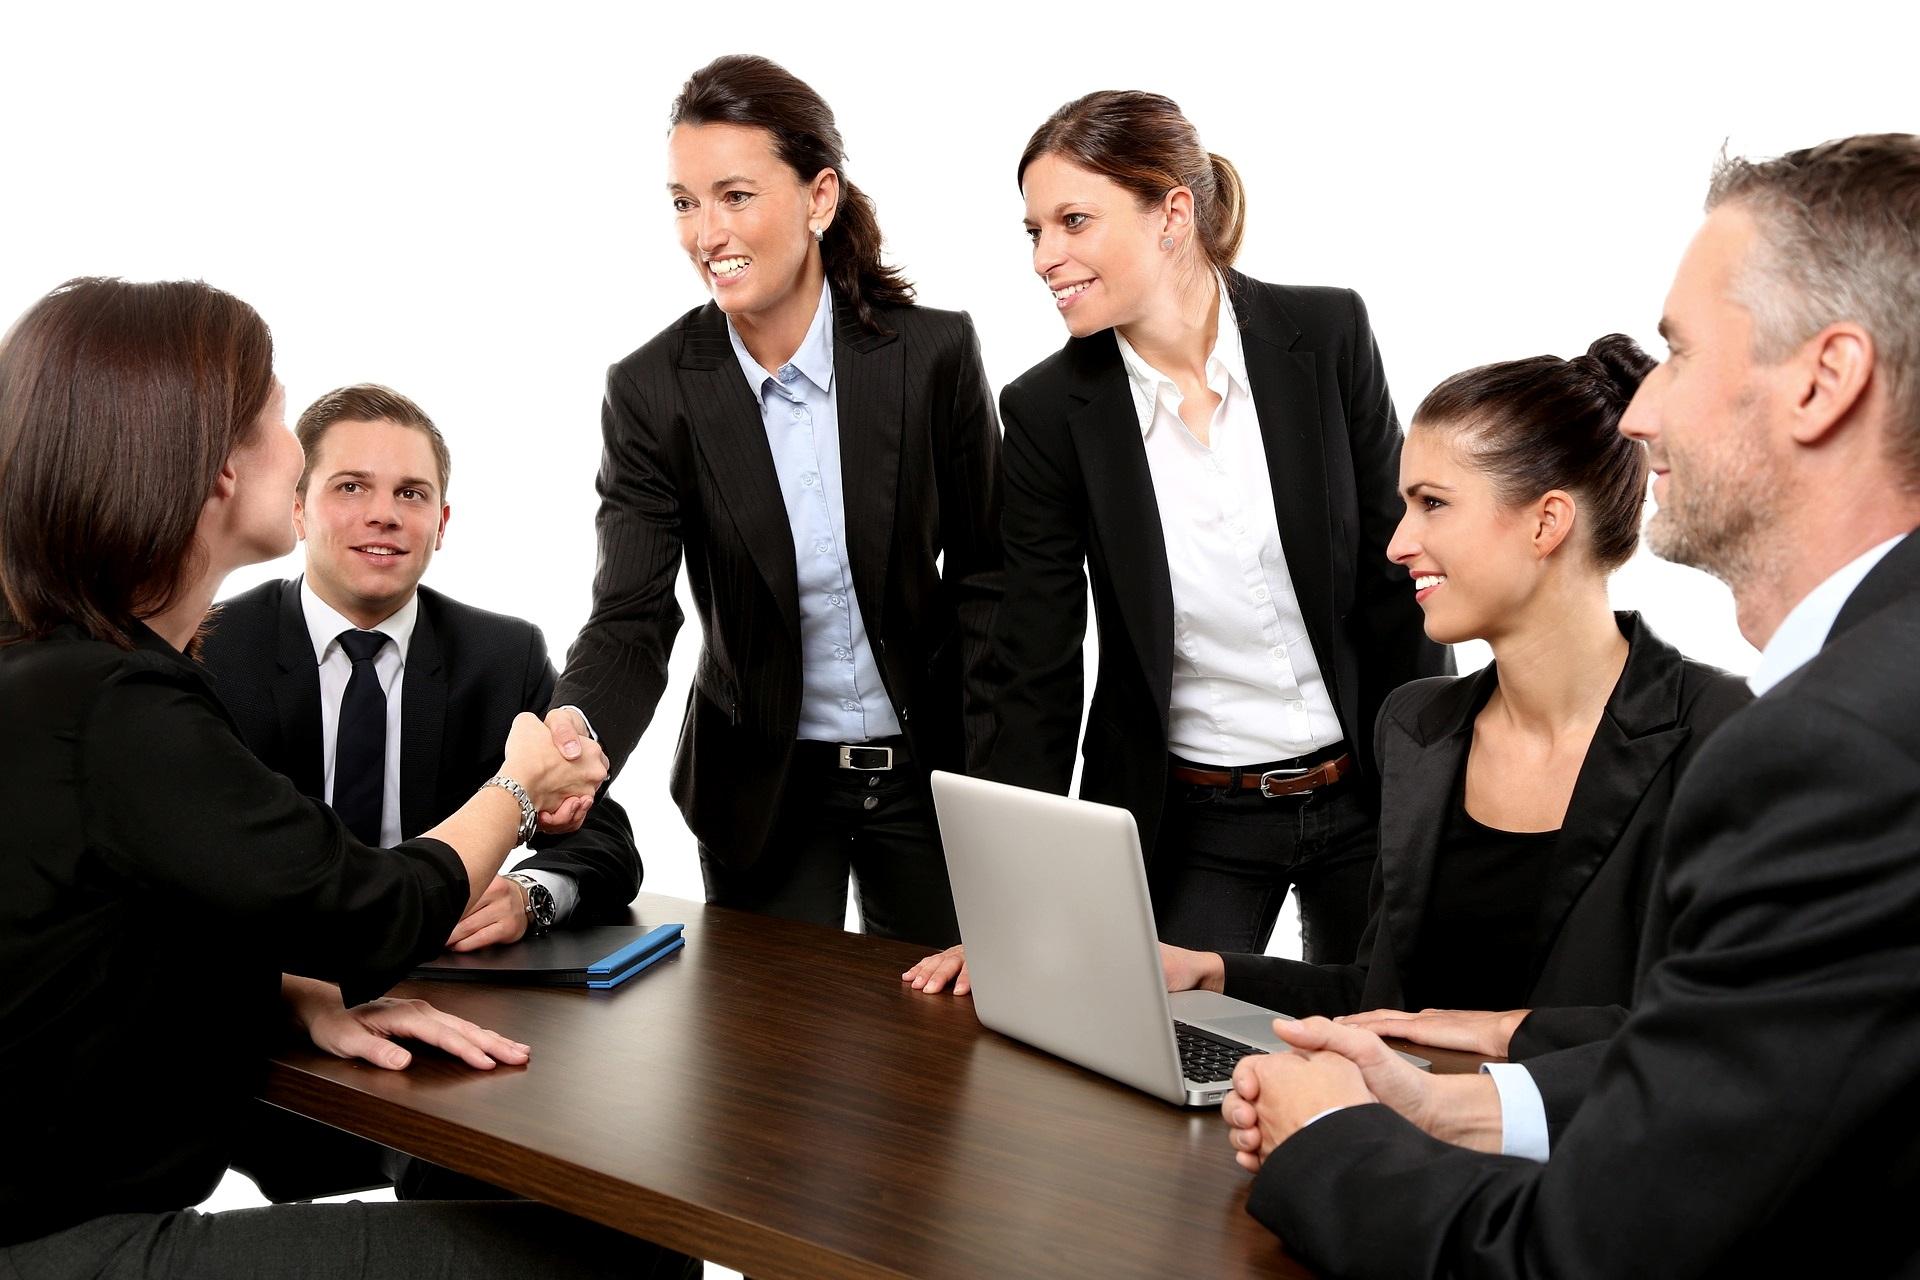 Top Verkäufer Spitzenverkauf Spitzenverkäufer Menschen Vertrieb Verkäufer Verkaufserfolg Verkaufsseminar Ulrike Knauer Verkaufstraining nutzenorientiert Emotion München Innsbruck